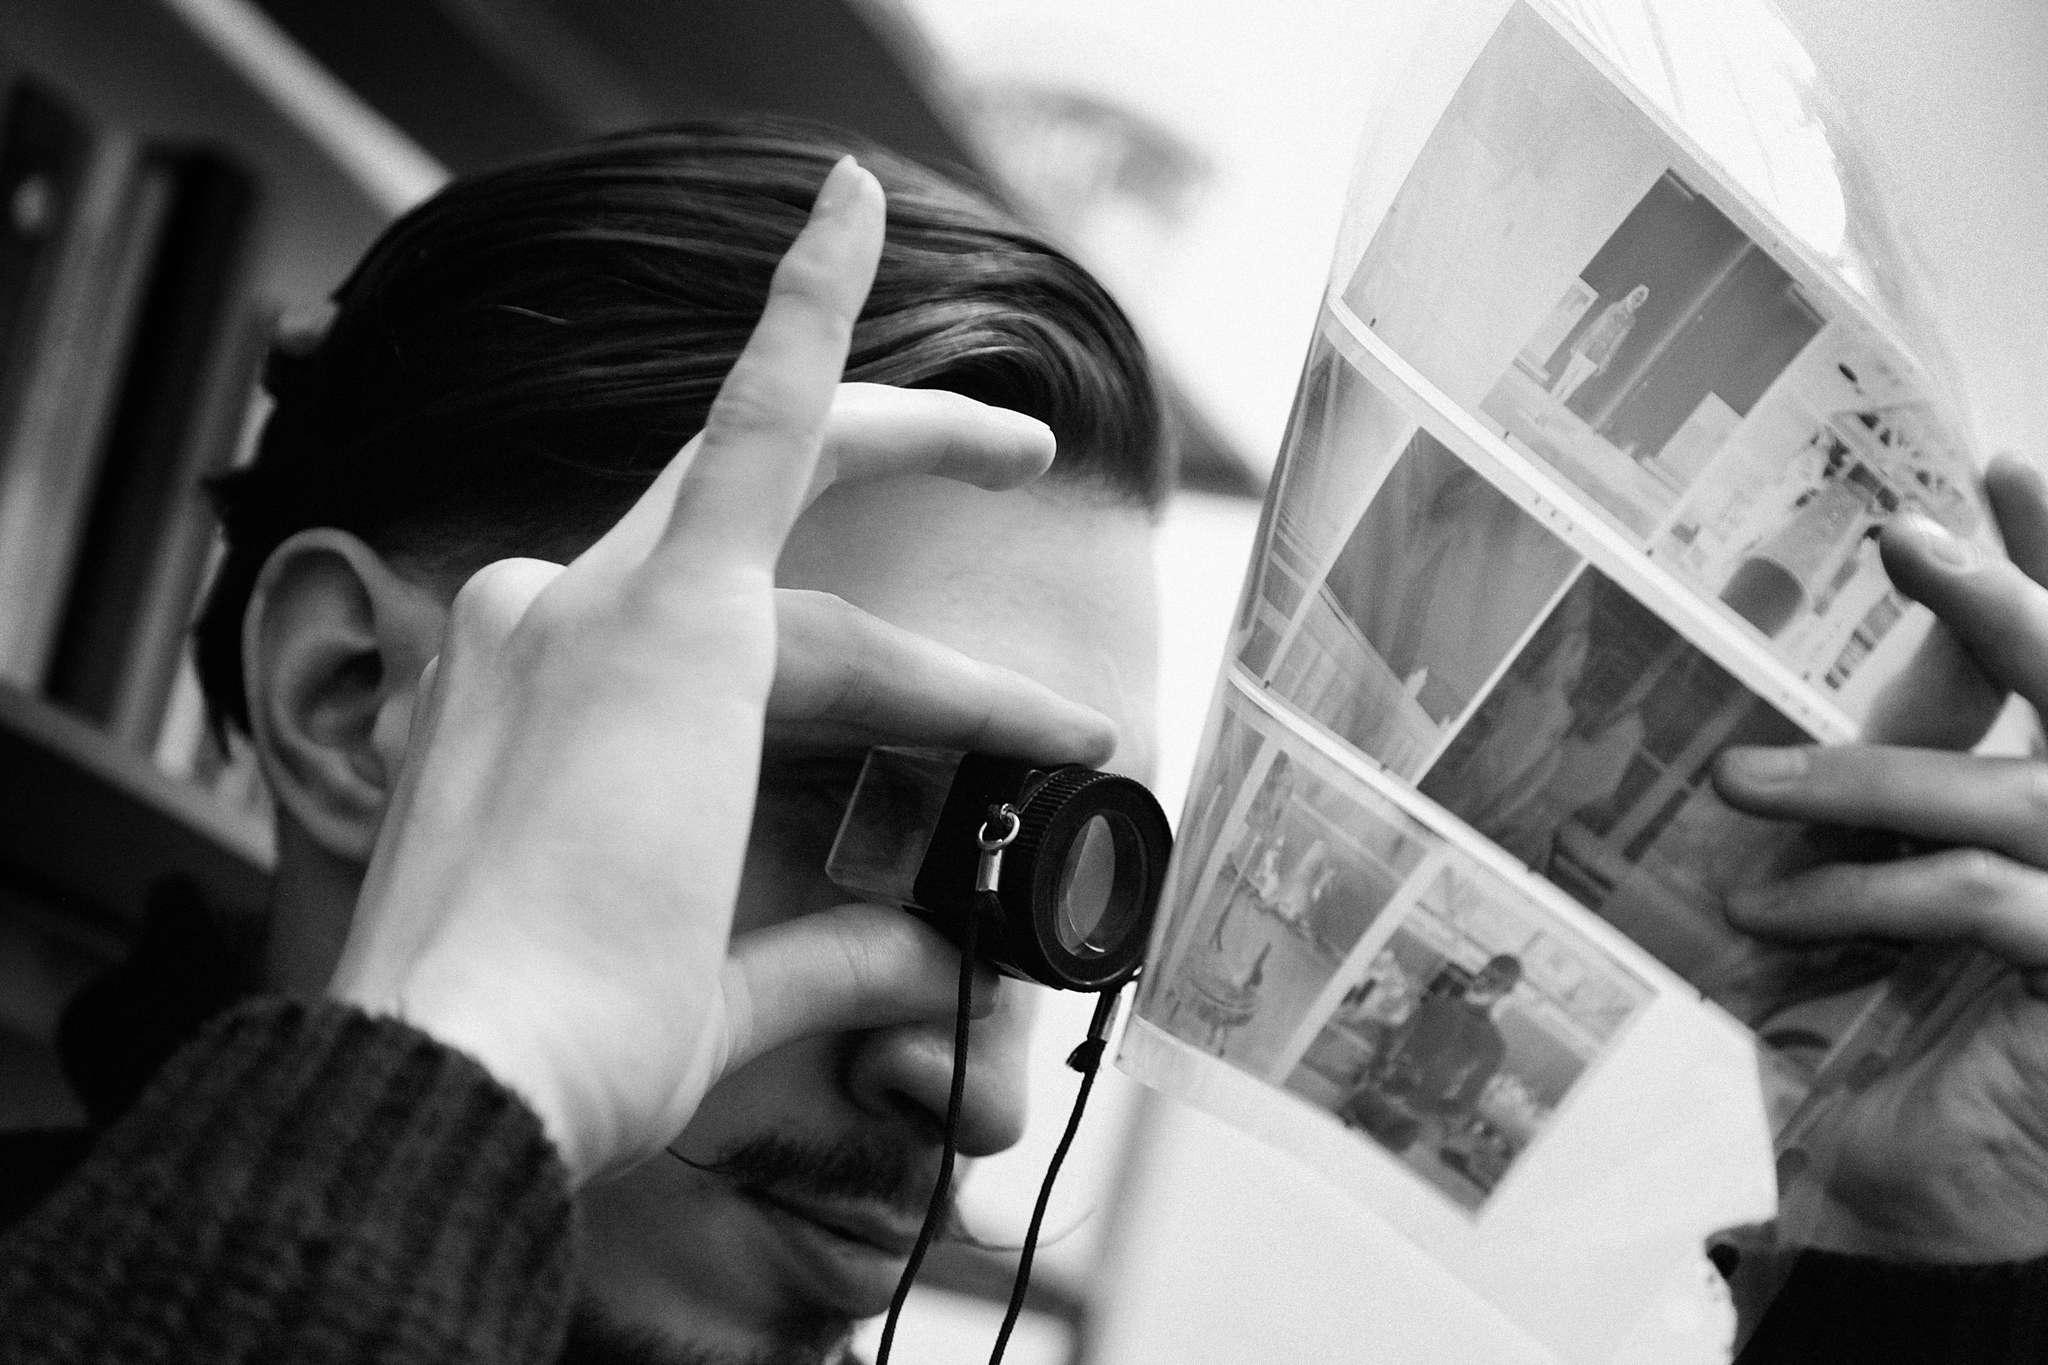 Фотографы советуют начинать с пленки данный момент